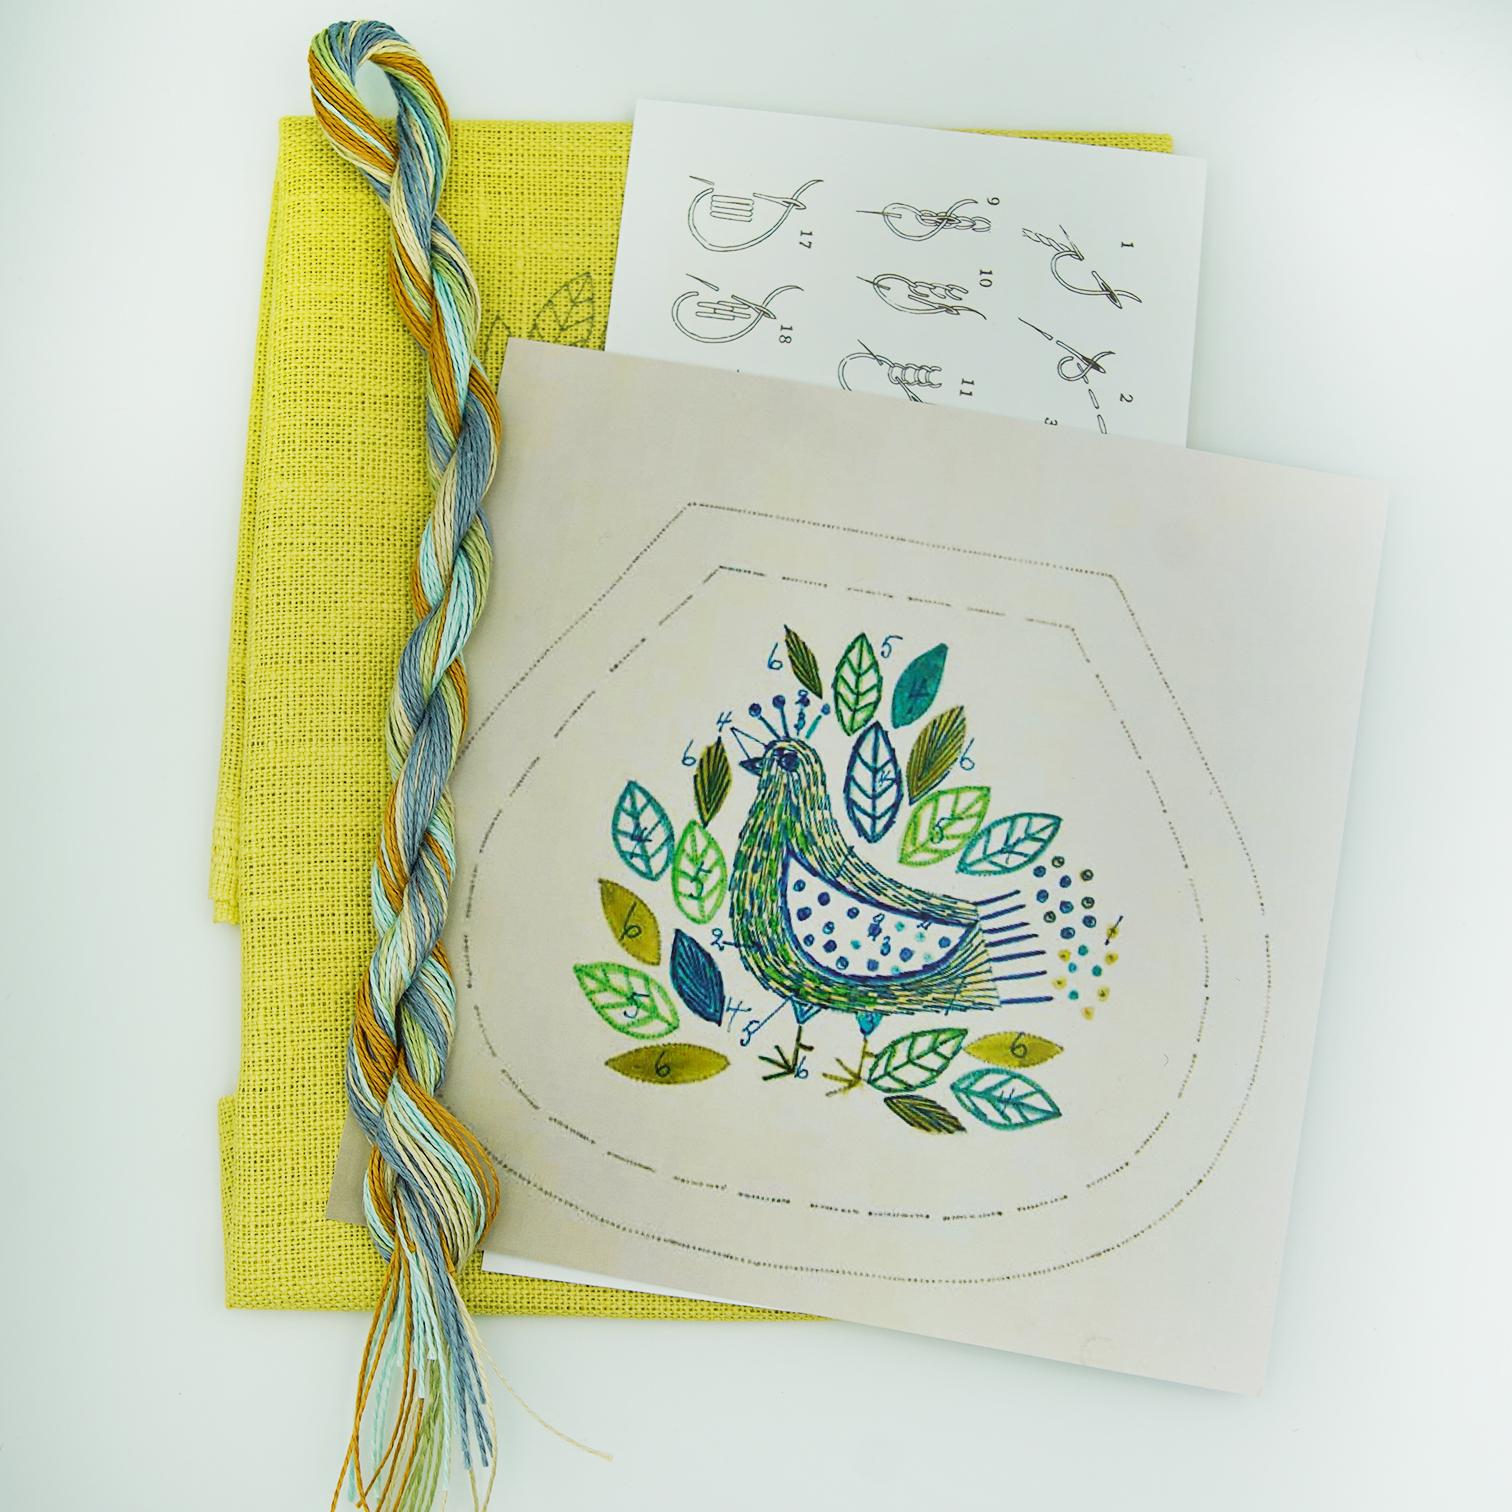 Linladan - Bird 6412 - Swedish Embroidery Kit 109